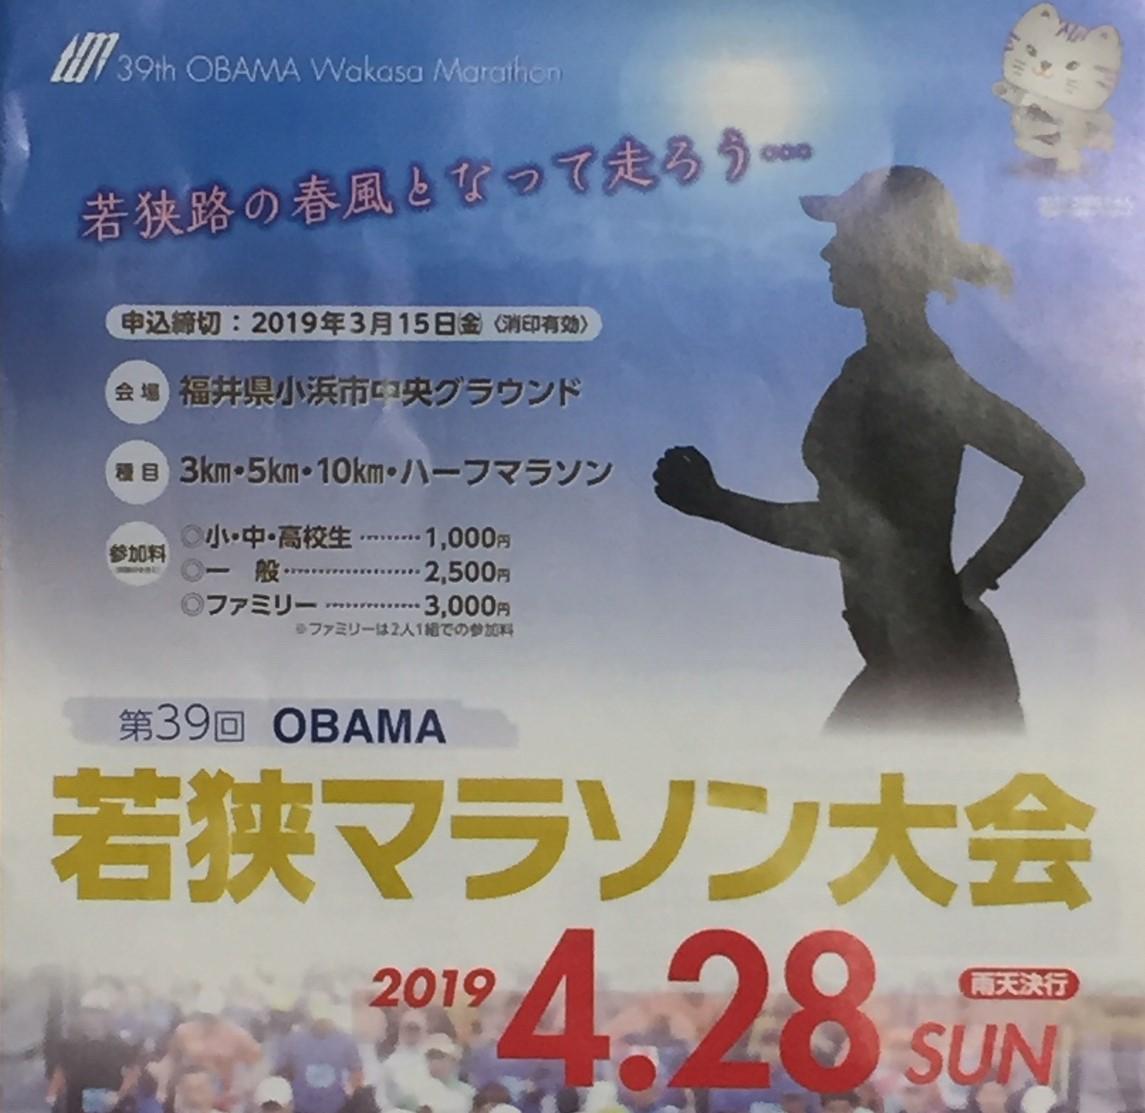 2019 第39回 若狭マラソン大会(小浜市)